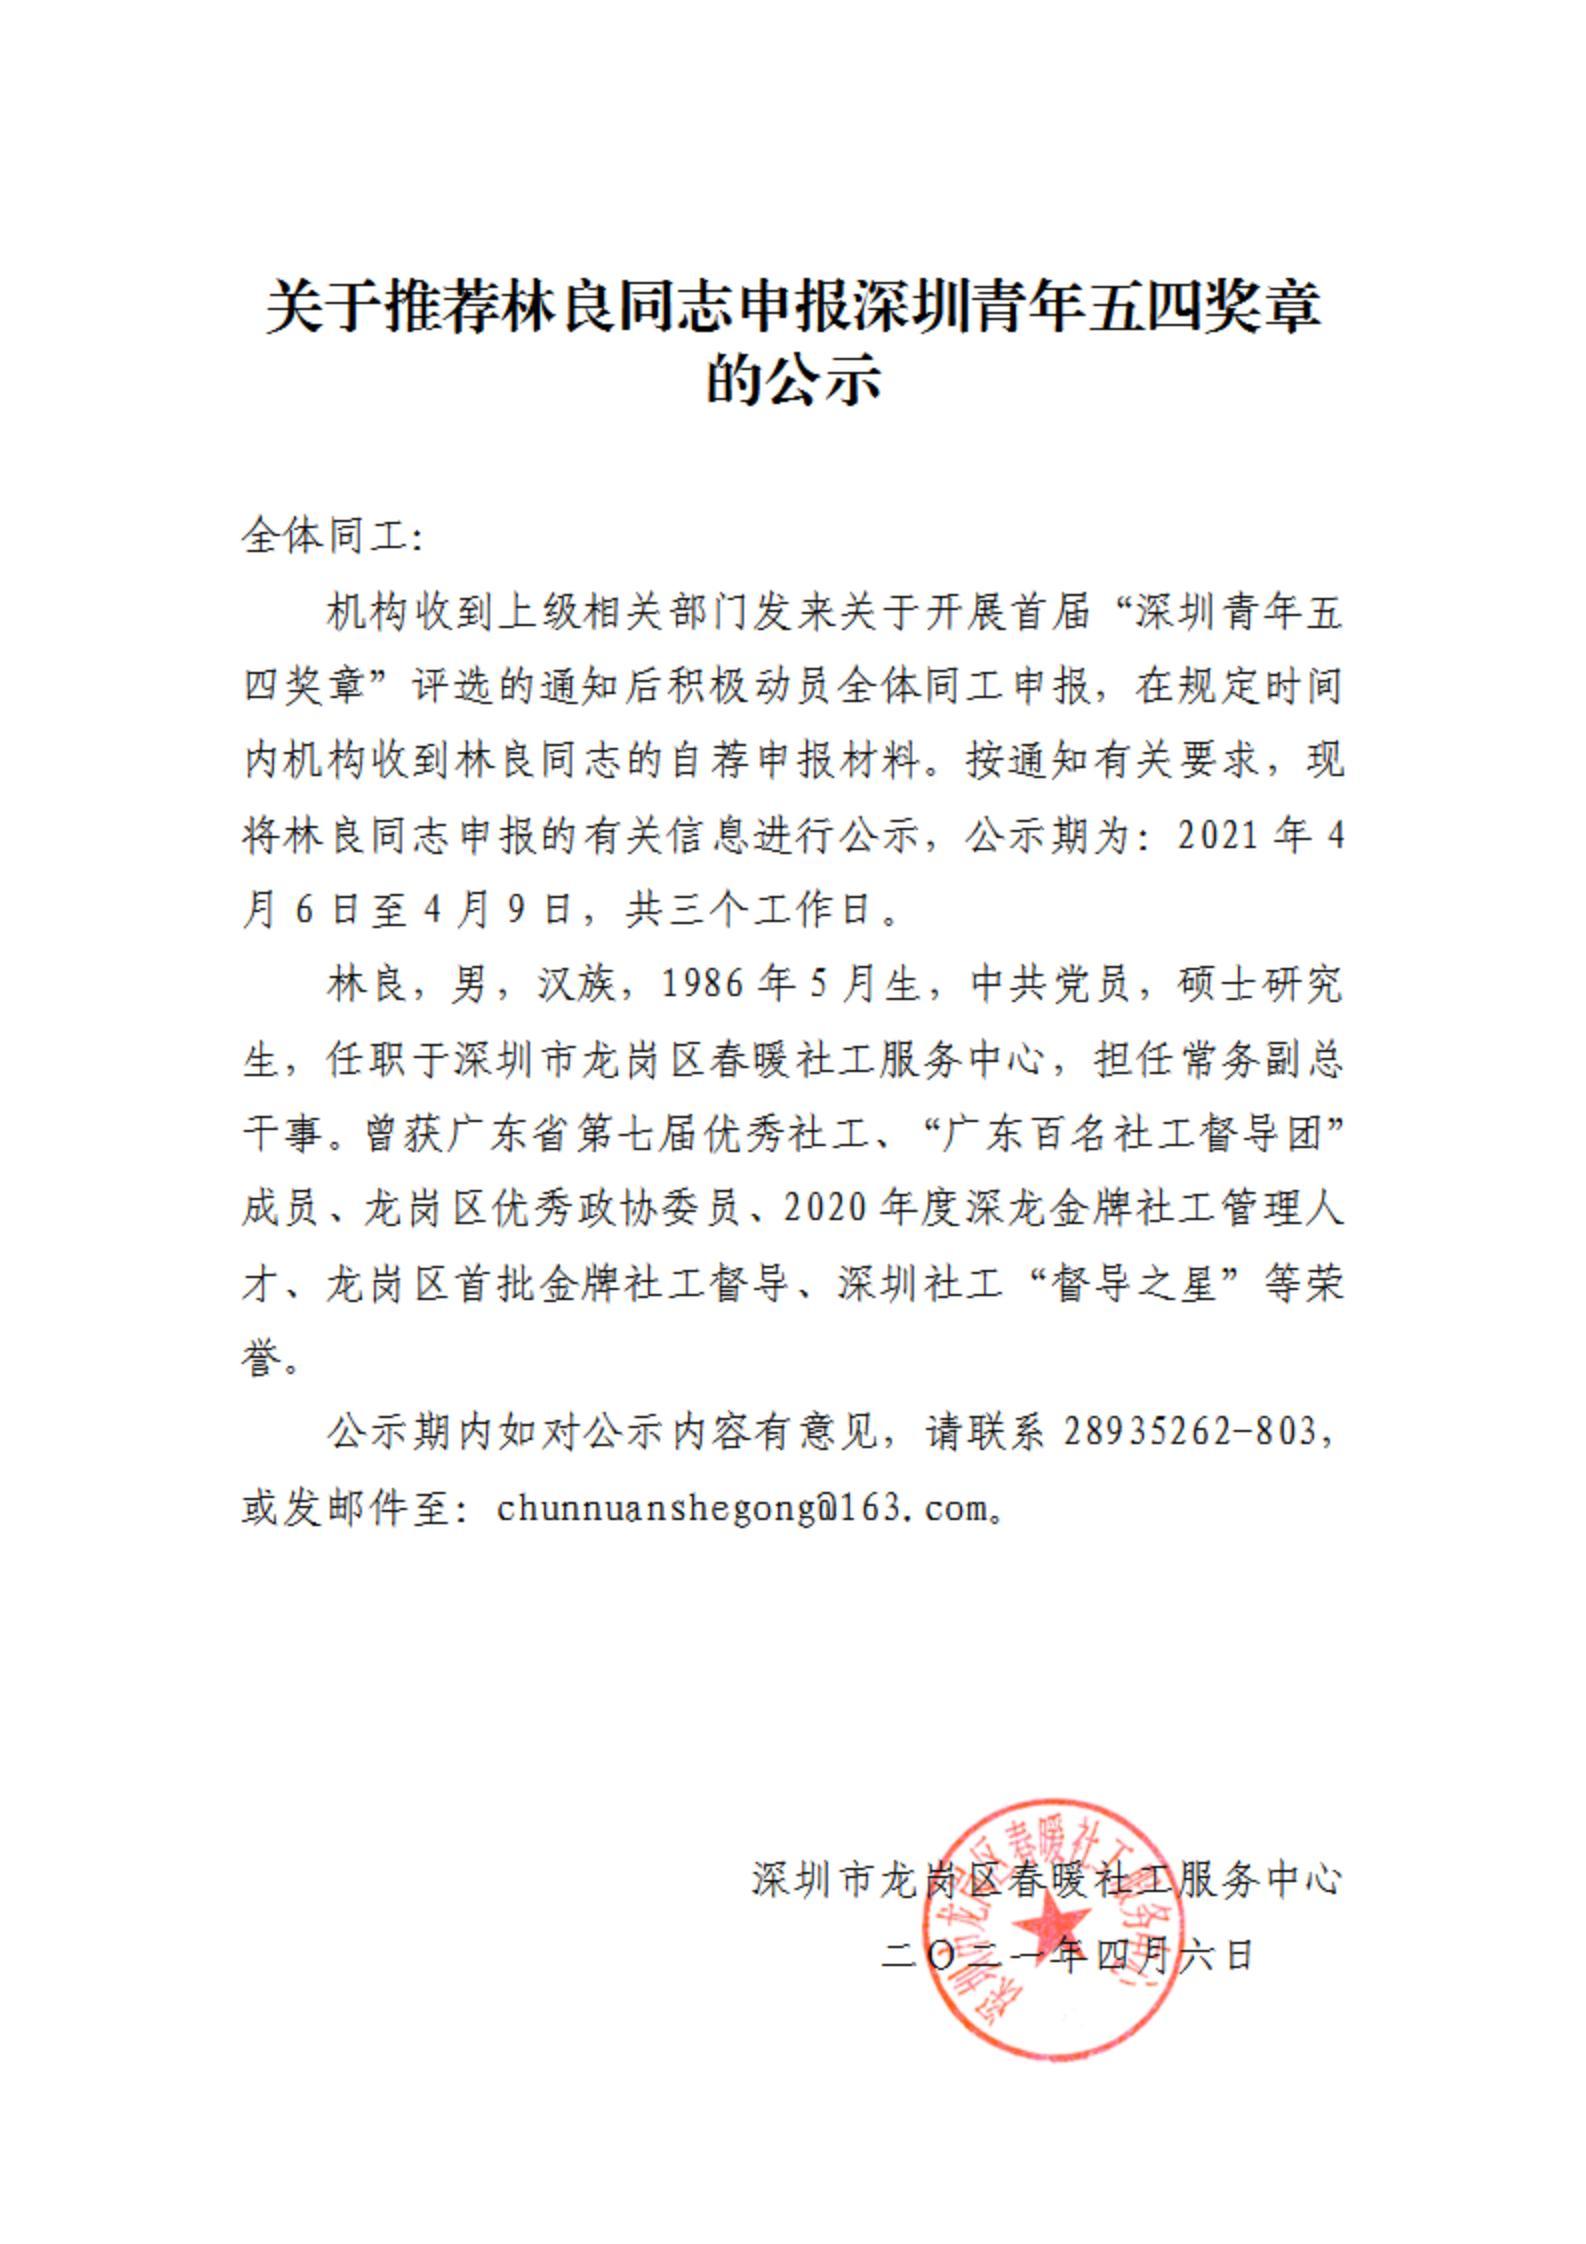 关于推荐林良同志申报深圳青年五四奖章的公示